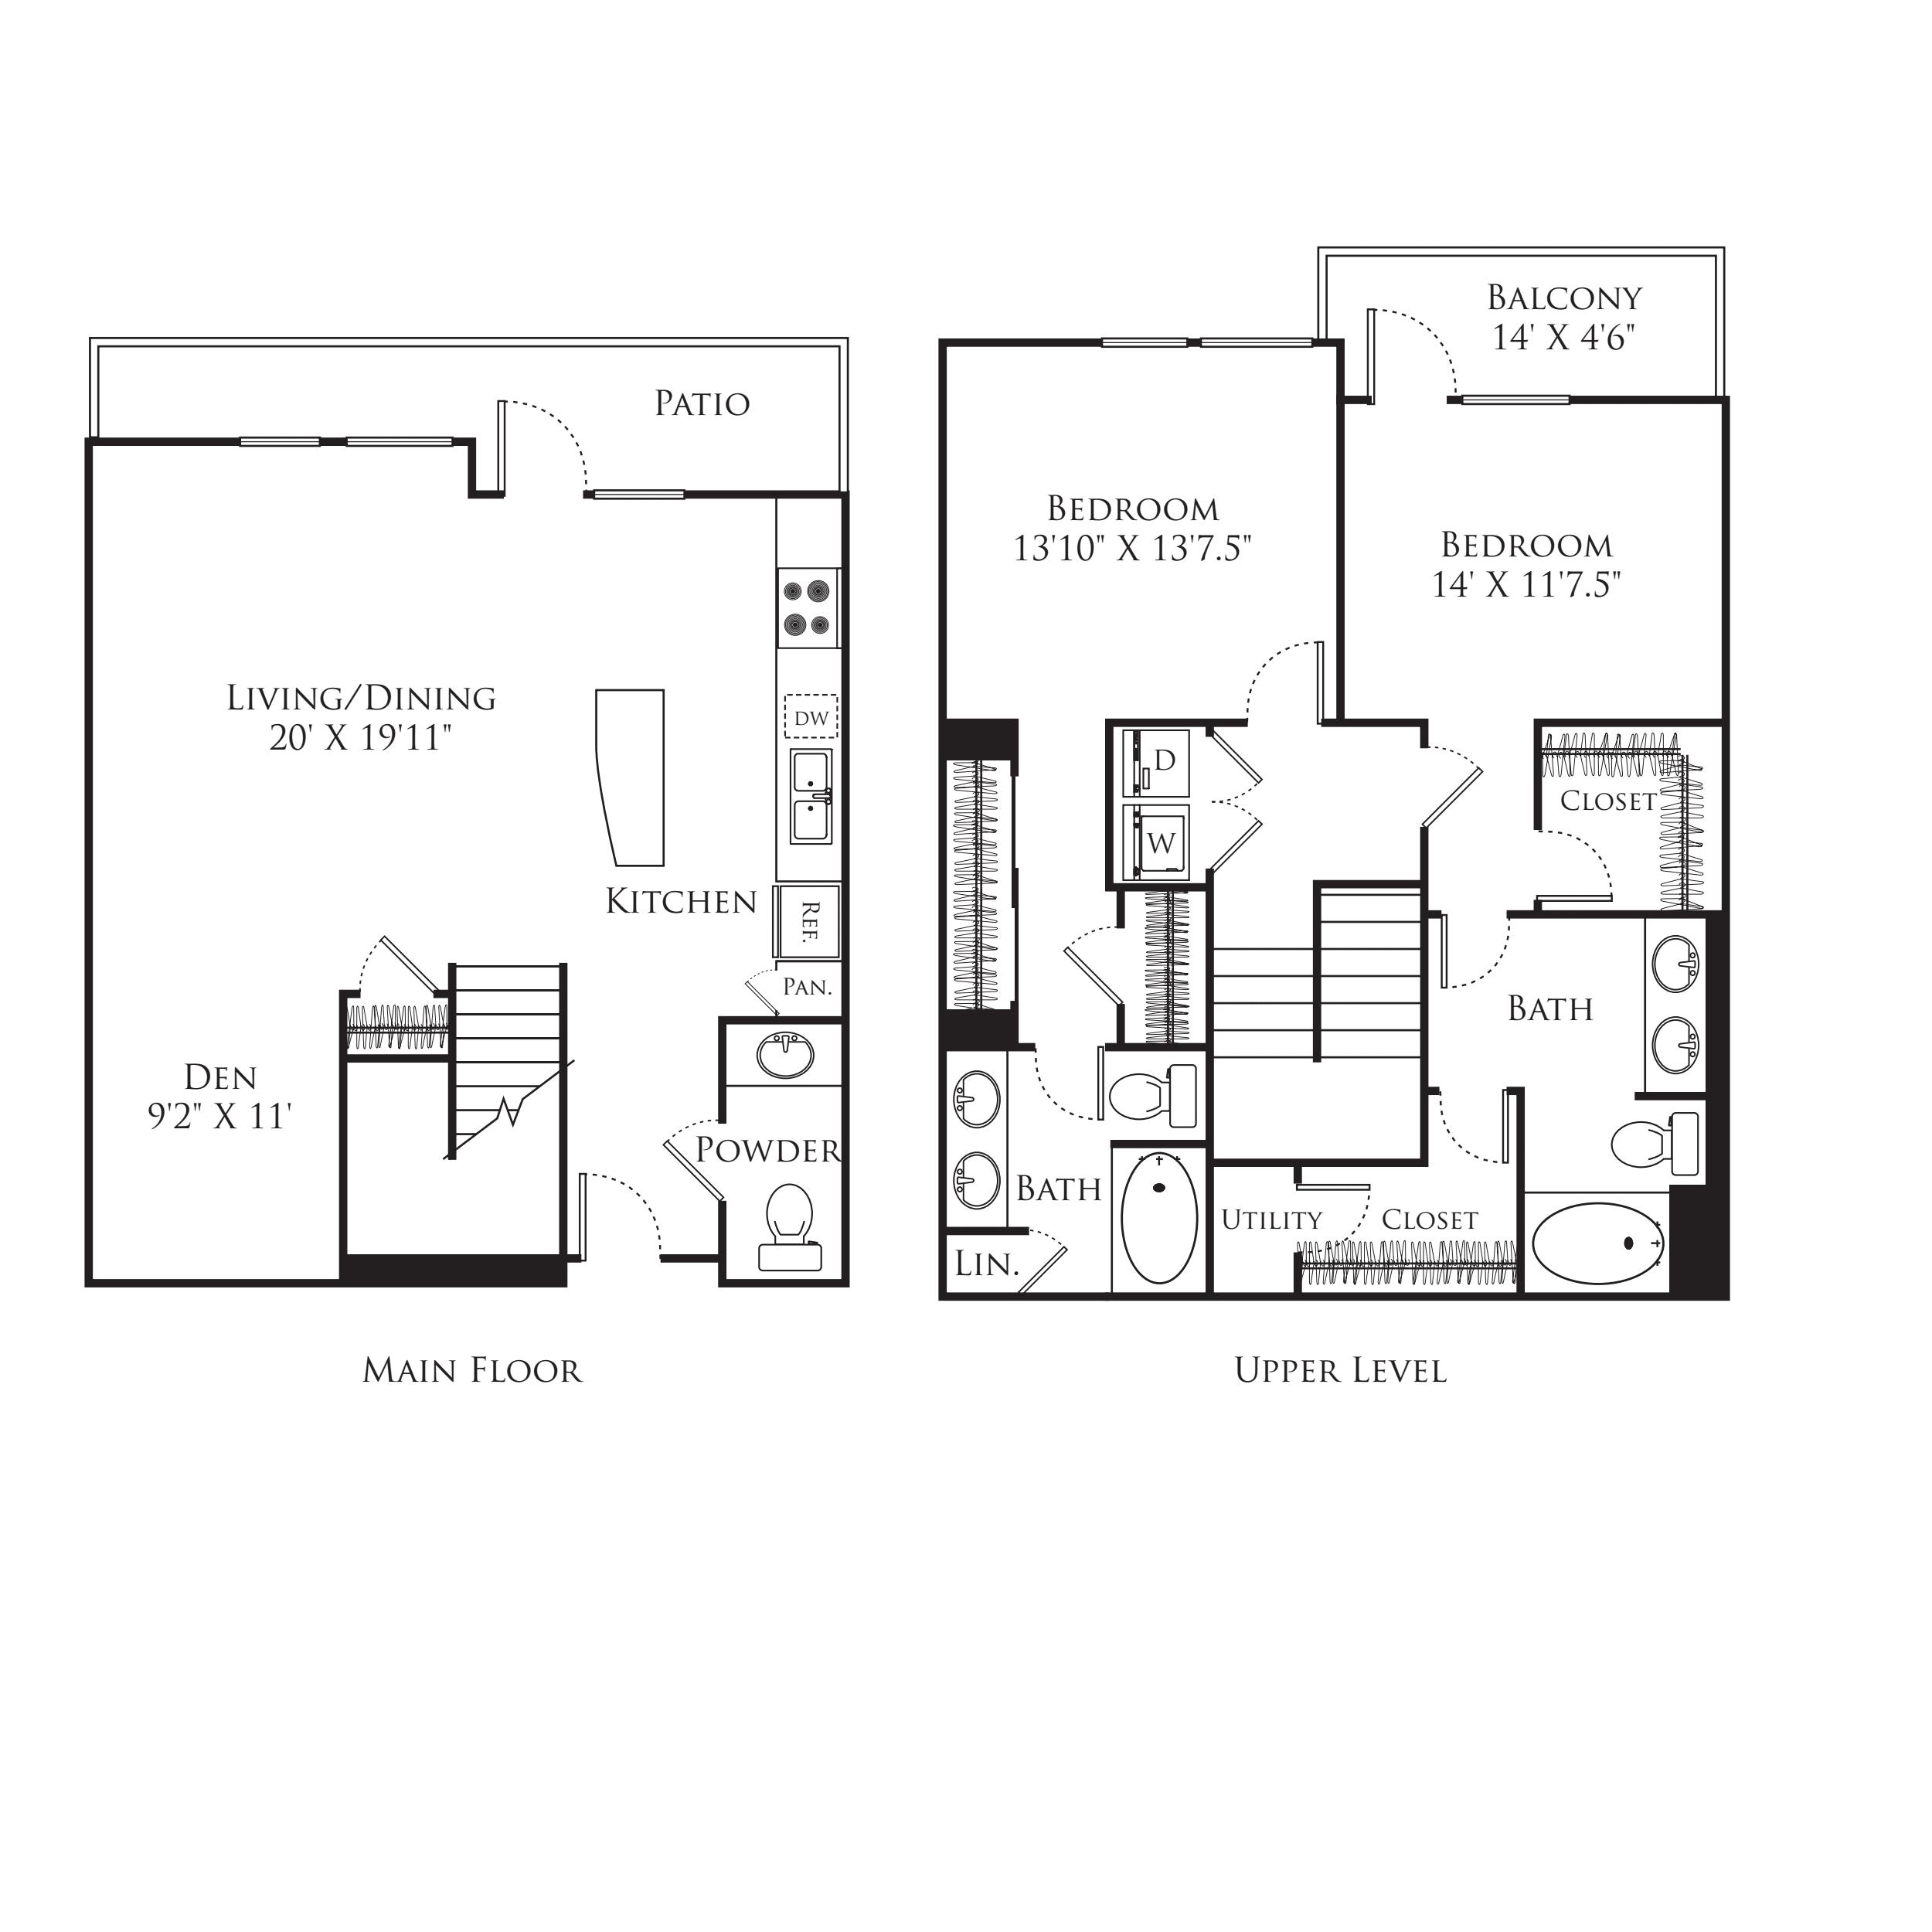 2 Bedroom TM